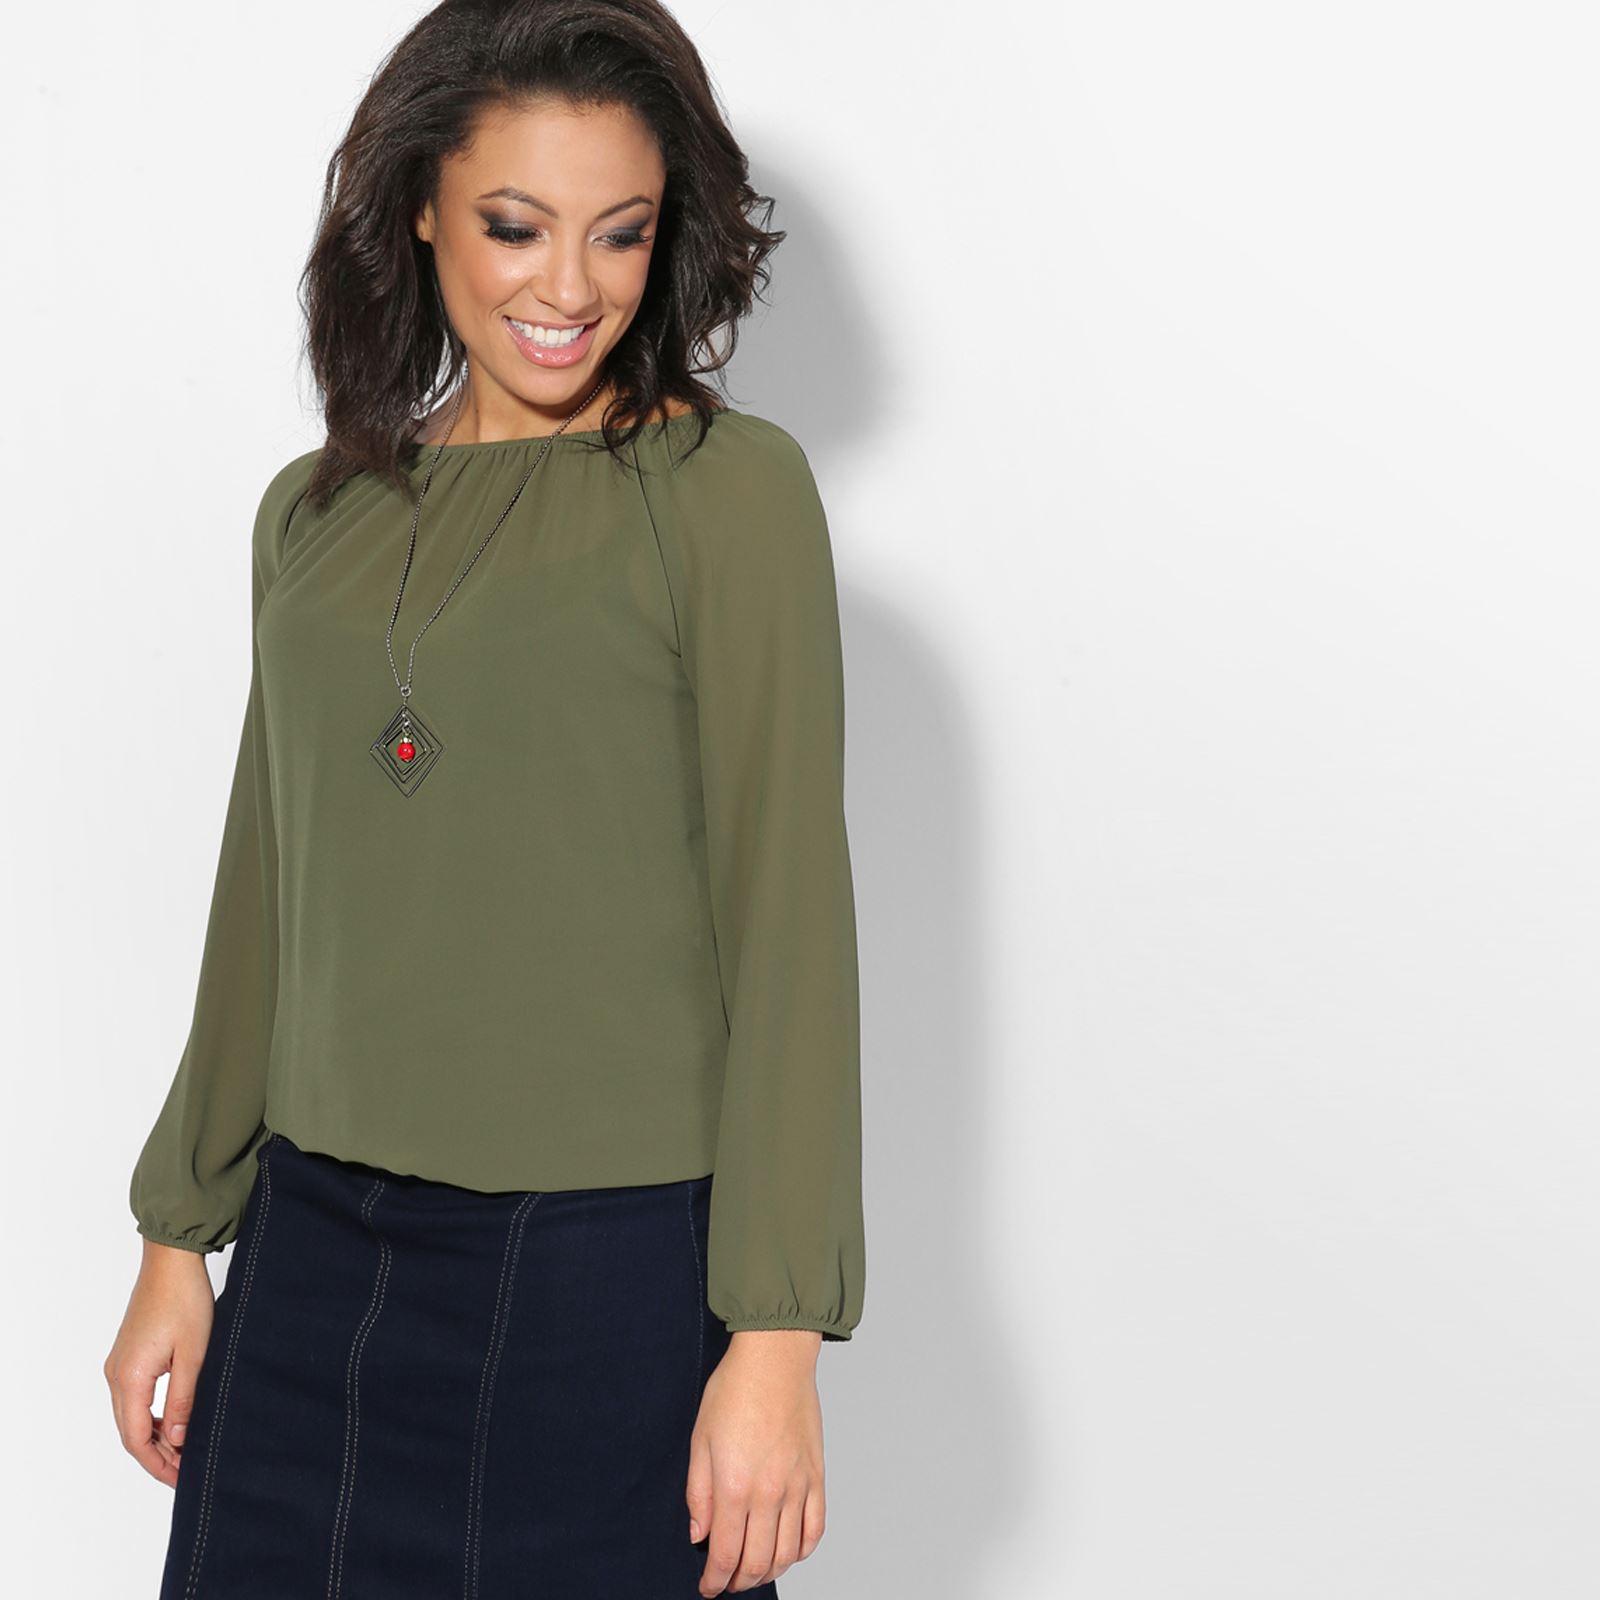 femmes top blouse t shirt haut tunique uni col bateau mousseline collier ebay. Black Bedroom Furniture Sets. Home Design Ideas